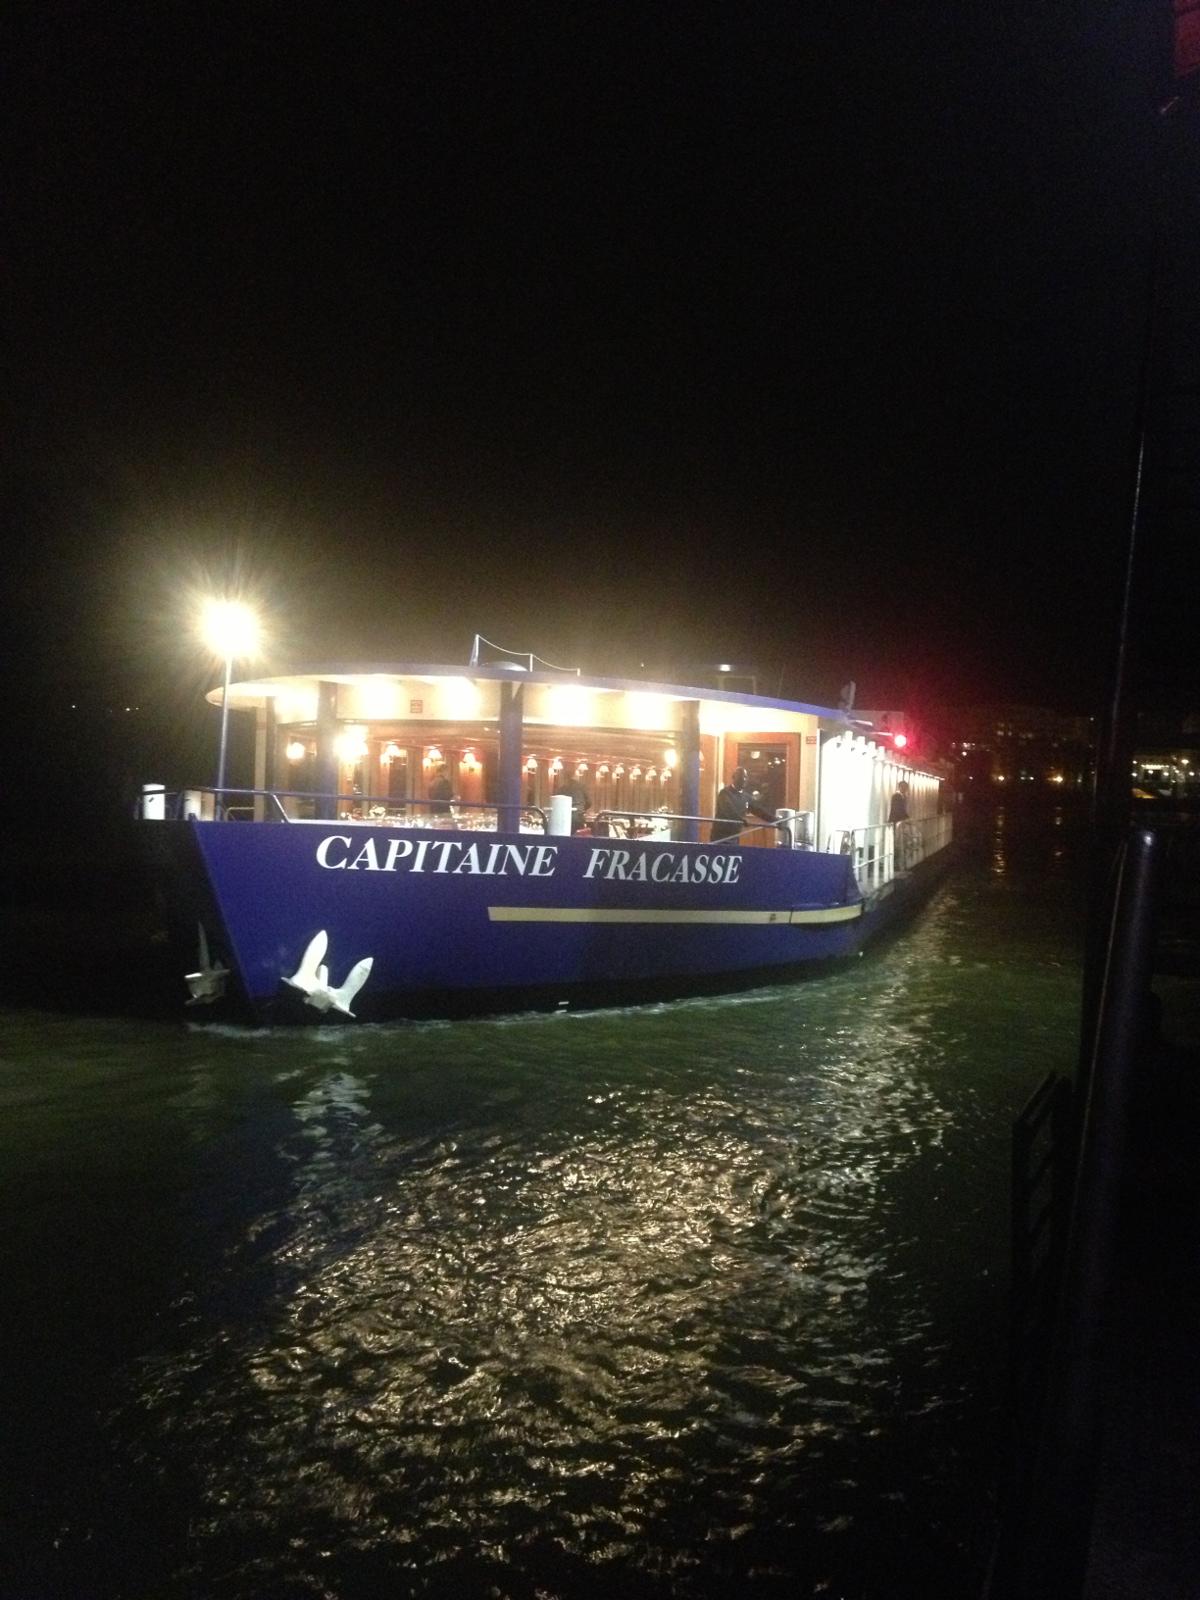 Diner peniche paris le capitaine fracasse for Cuisinier bateau